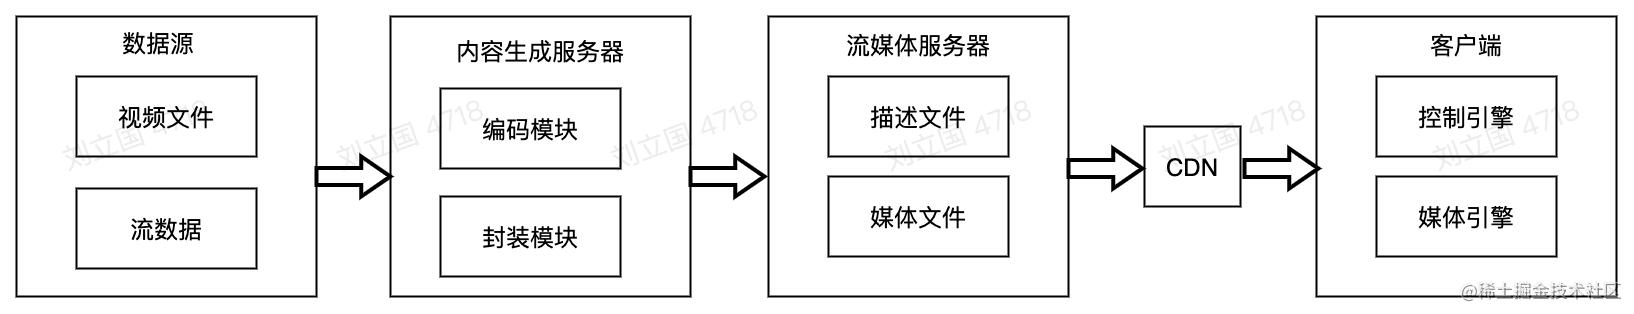 流程图 (1).jpg